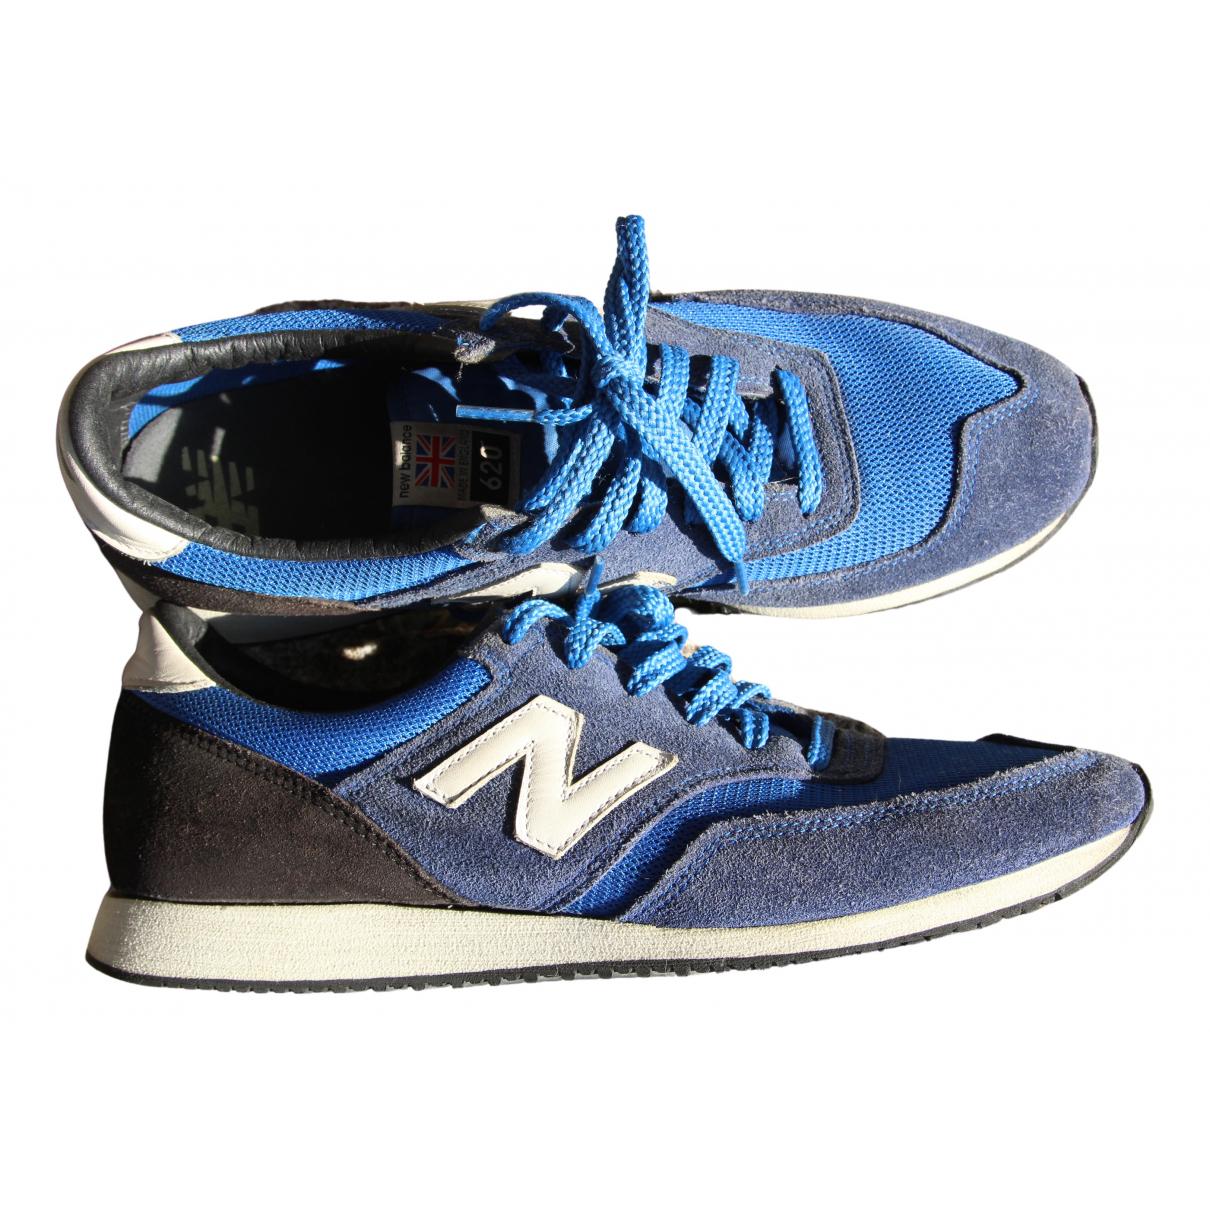 New Balance - Baskets   pour homme en cuir - bleu